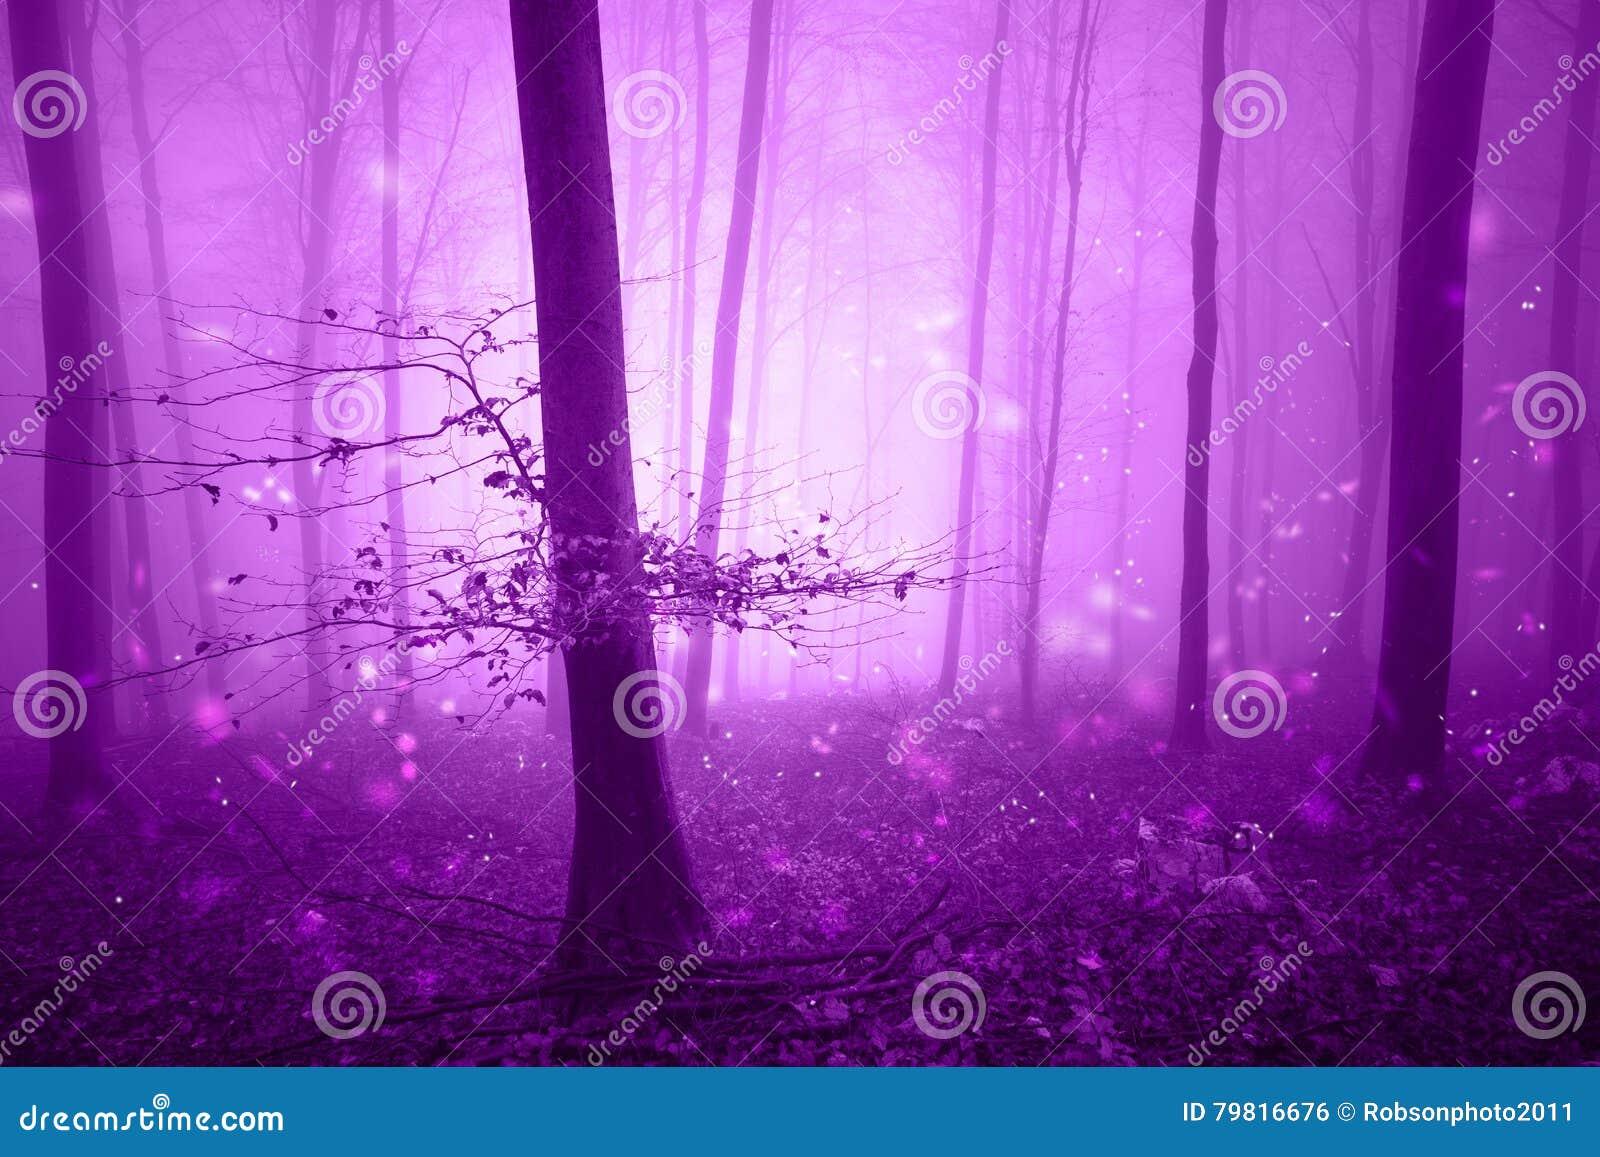 Magisk rosa skogsaga med eldflugor